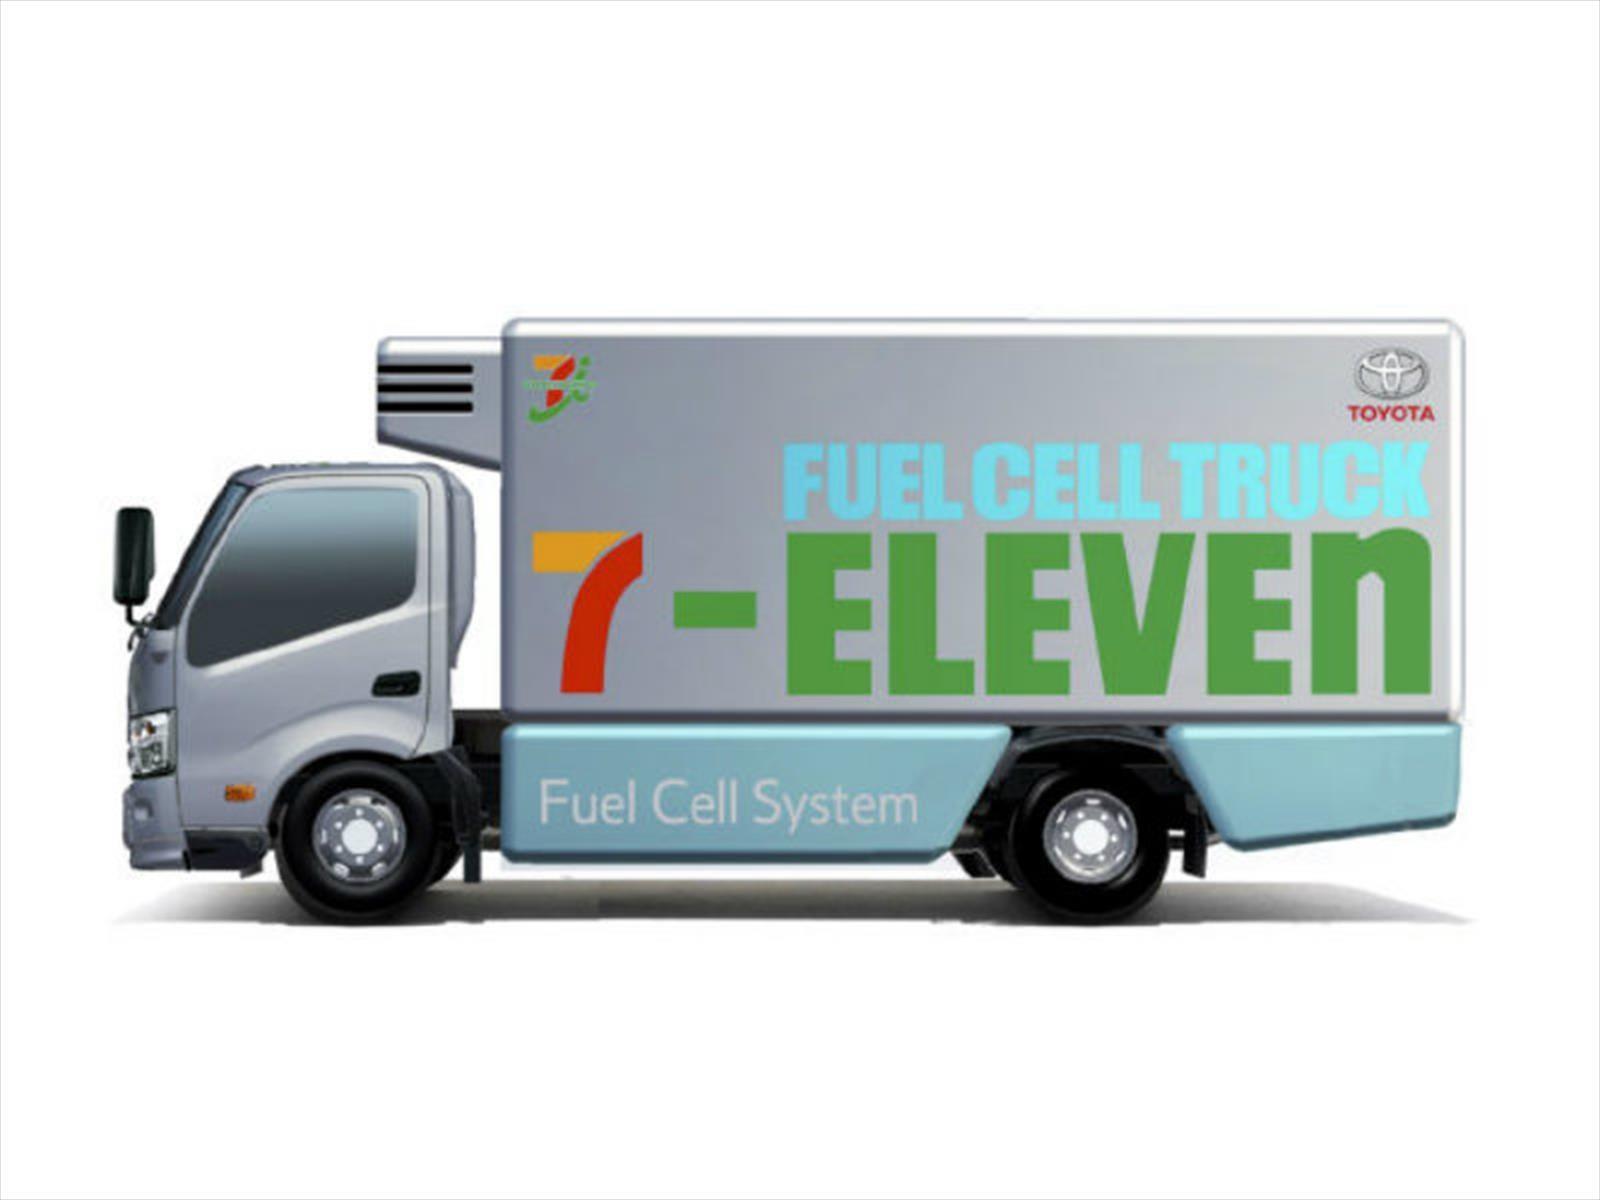 Toyota y 7-Eleven trabajarán en el desarrollo de vehículos de hidrógeno